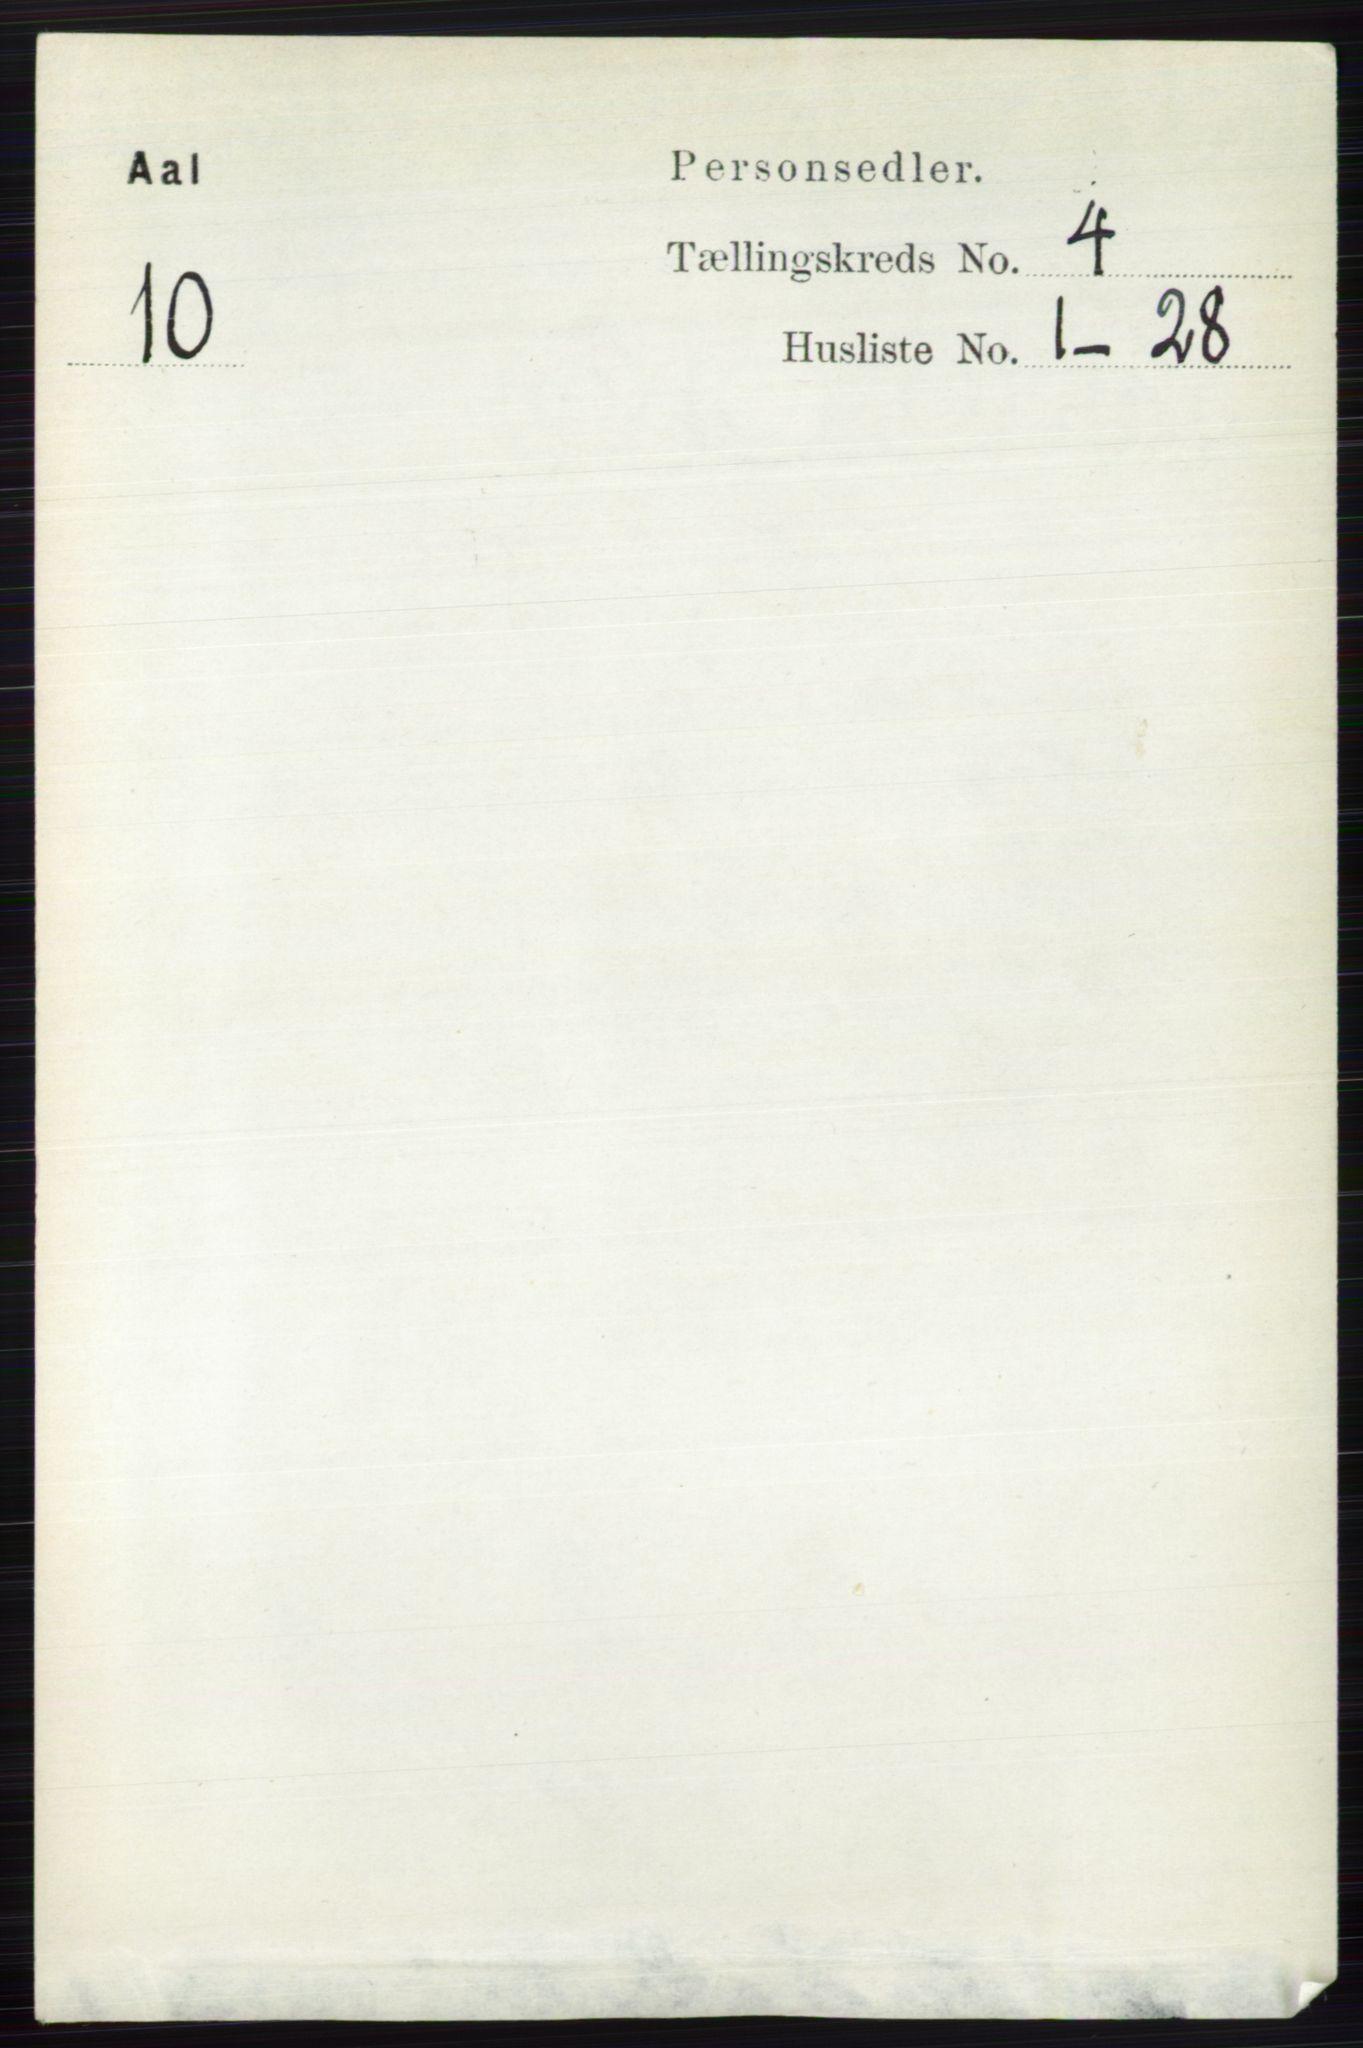 RA, Folketelling 1891 for 0619 Ål herred, 1891, s. 1033